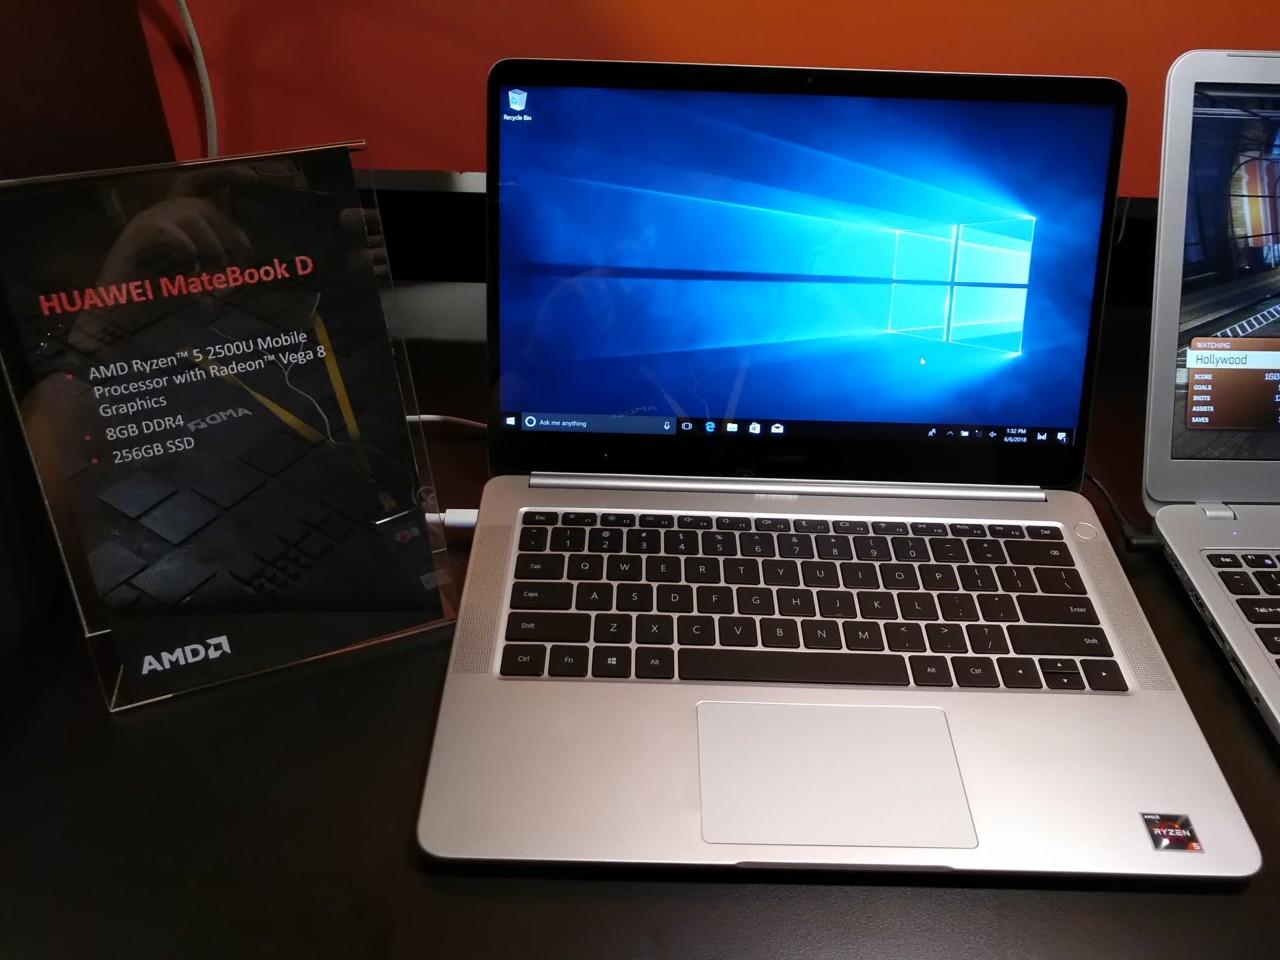 Huawei MateBook D da 14 pollici è ufficiale con AMD Ryzen 5-2500U